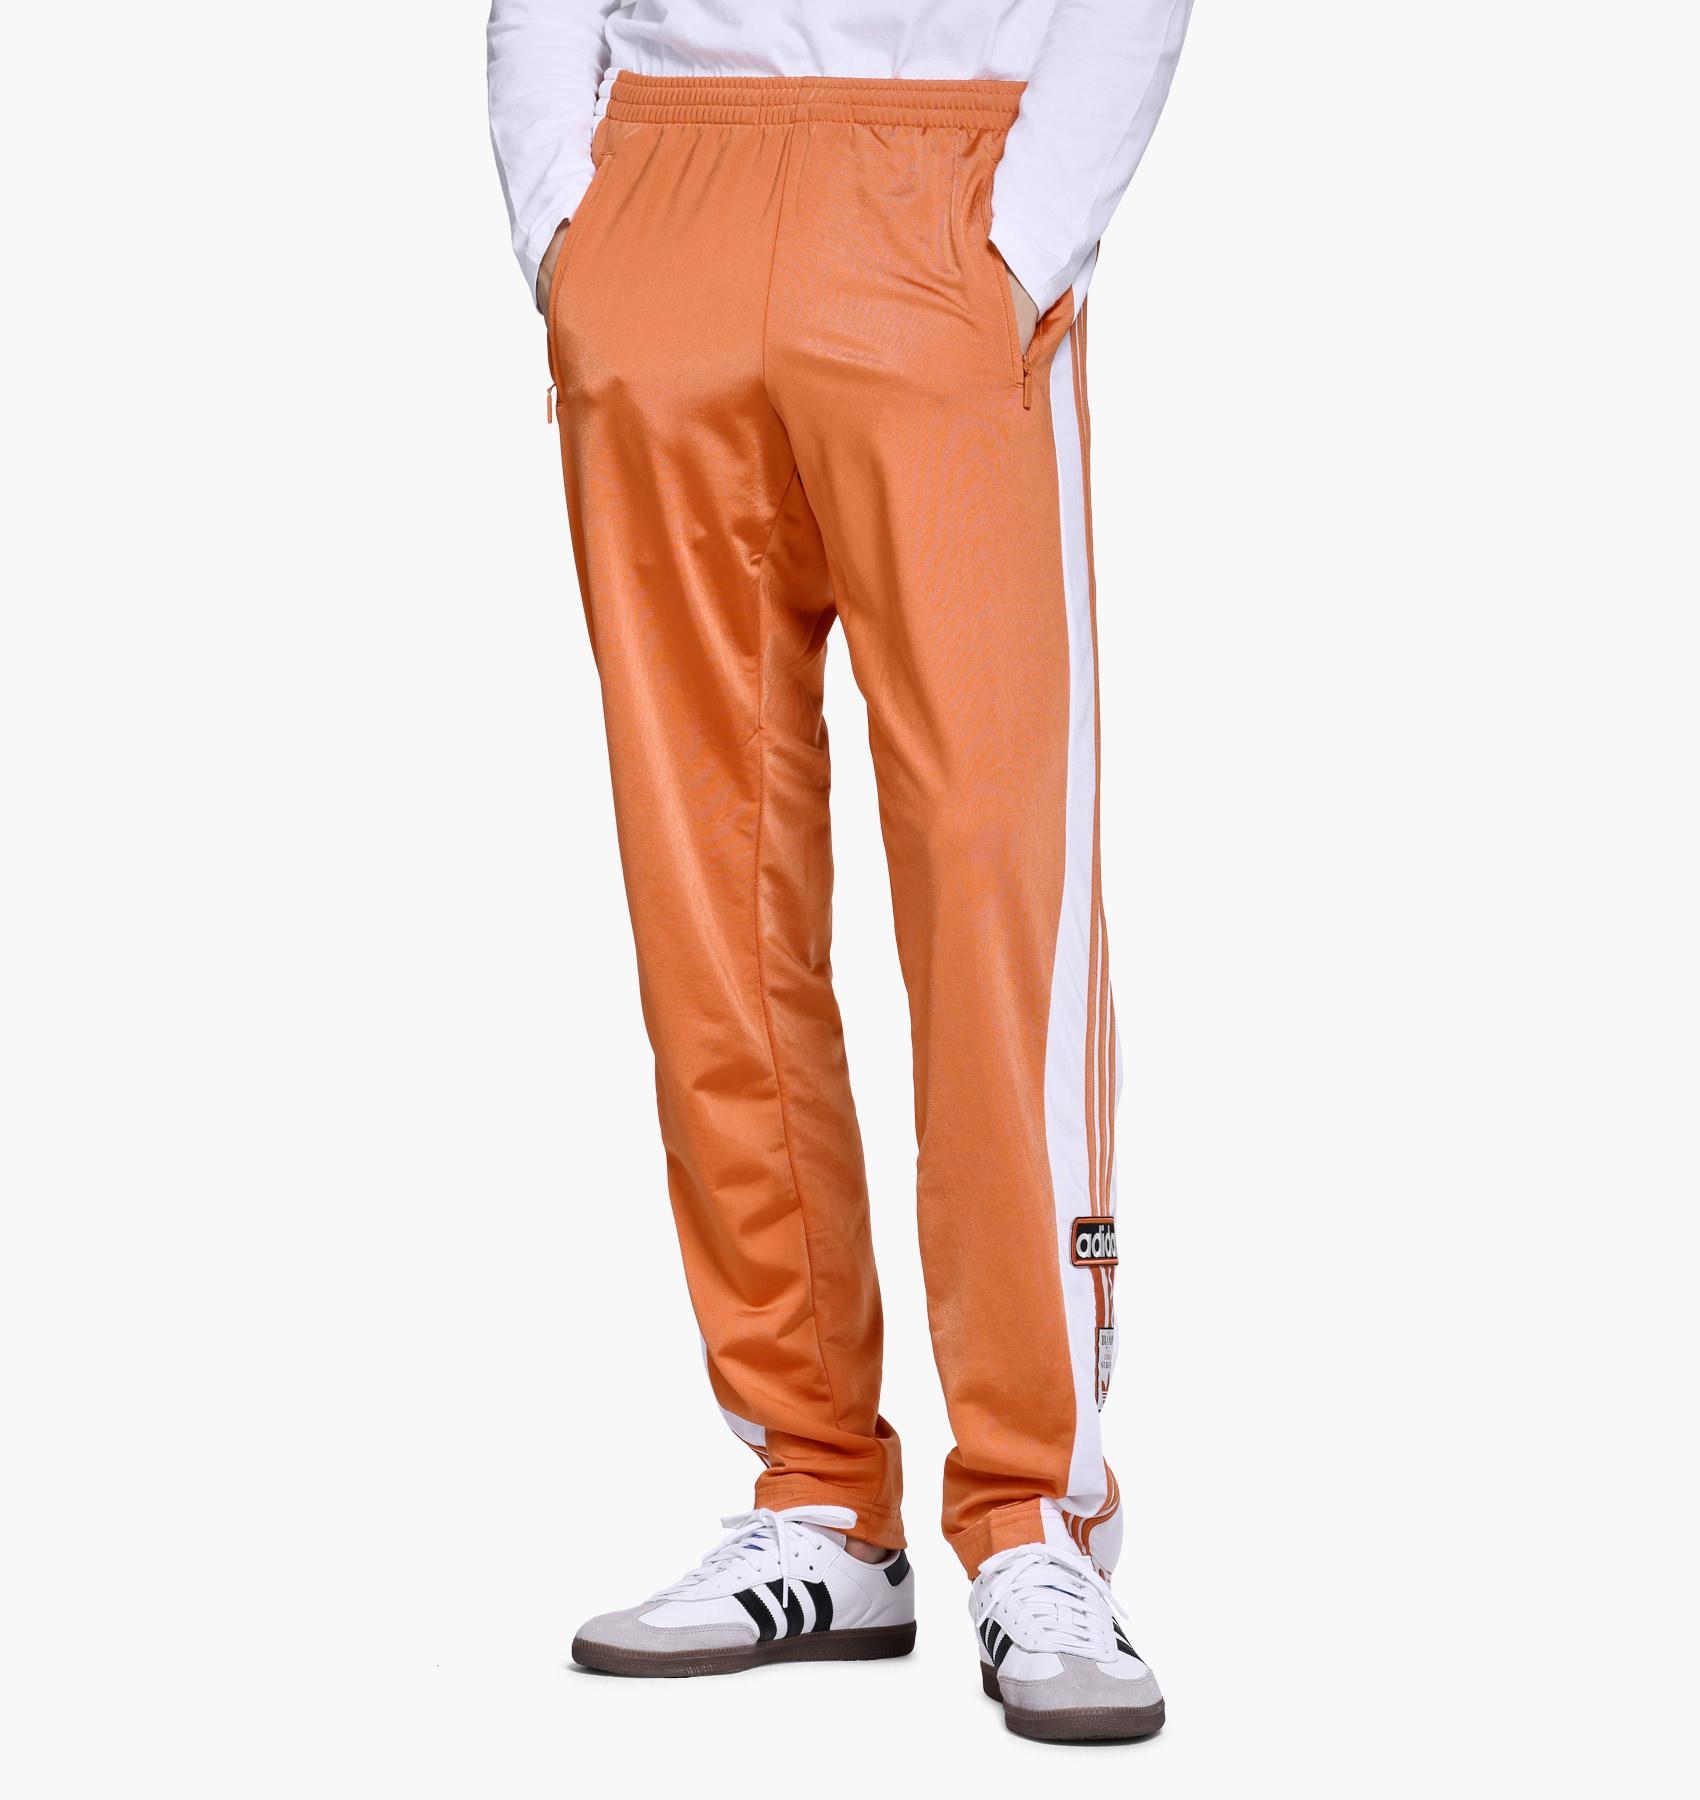 pantaloni tuta adidas adibreak